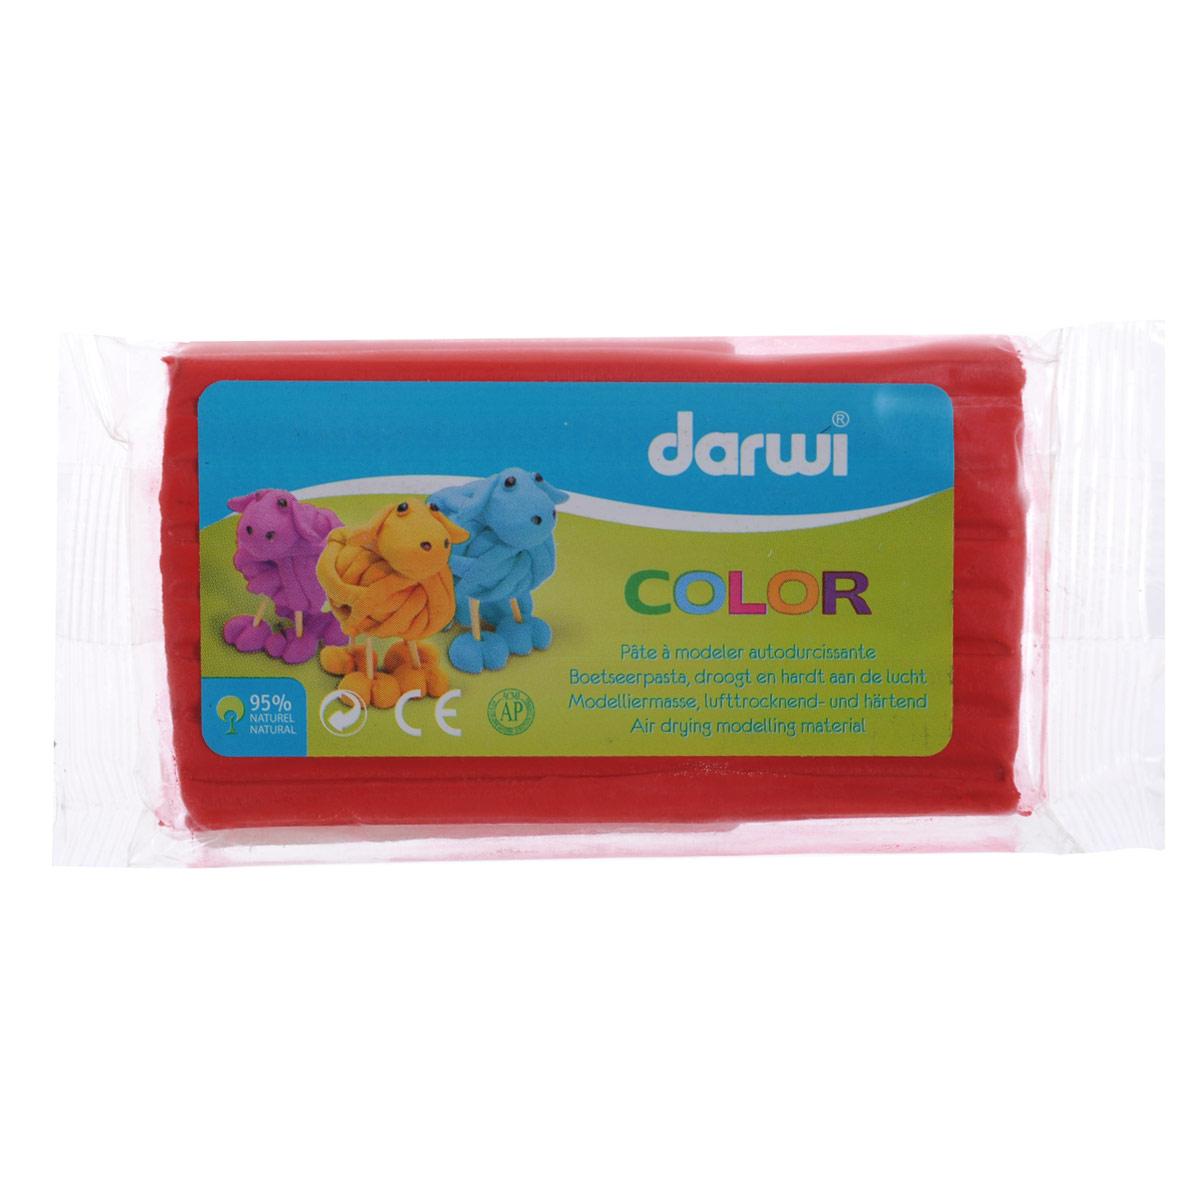 ����� ��� ����� Darwi Color, ����: ������� (400), 100 � - Darwi692533_400����� ��� ����� Darwi Color - ��� ����������, ������������������ ���������� �����, ��������������� ��� �����. ��� ������ � �������������. ����� ��������� �������� ��� �������� ����������. ����������� ������������ � ���, ��� �� ������ ��������� �� ����������� ���������, ������� ����� ��� ����� ��������������. ������� ������� ����. ����� ������� ��������� (������� 24 ����) ����� ���������� ����� ������� � ���� ��������� ������. ��� ��������� �� ����������. ����� ����������� ����� ��������� �����, ��������. ��� ��������� ������ �������� ����� ��������� � ����� �������� ������. ����� ����� ������� ��������� ��� �����. �� ������������� ������ ����� �� 3-� ���. ��������������� � �������� ������ ��� ������������� �����������.